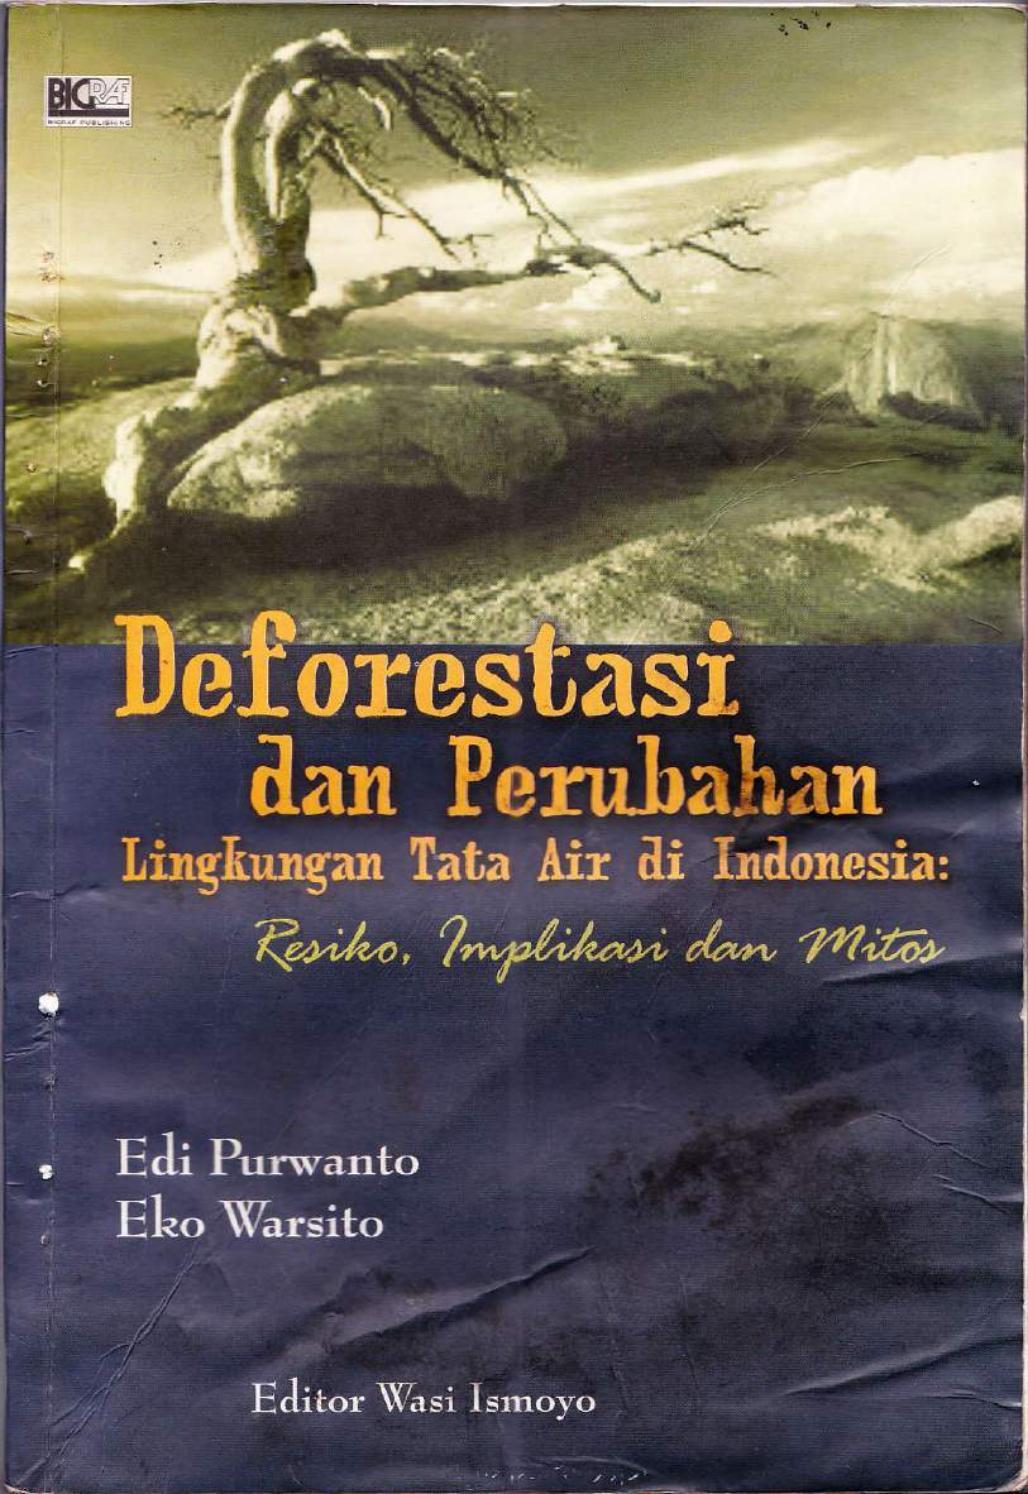 Deforestasi dan Perubahan Lingkungan Tata Air di Indonesia